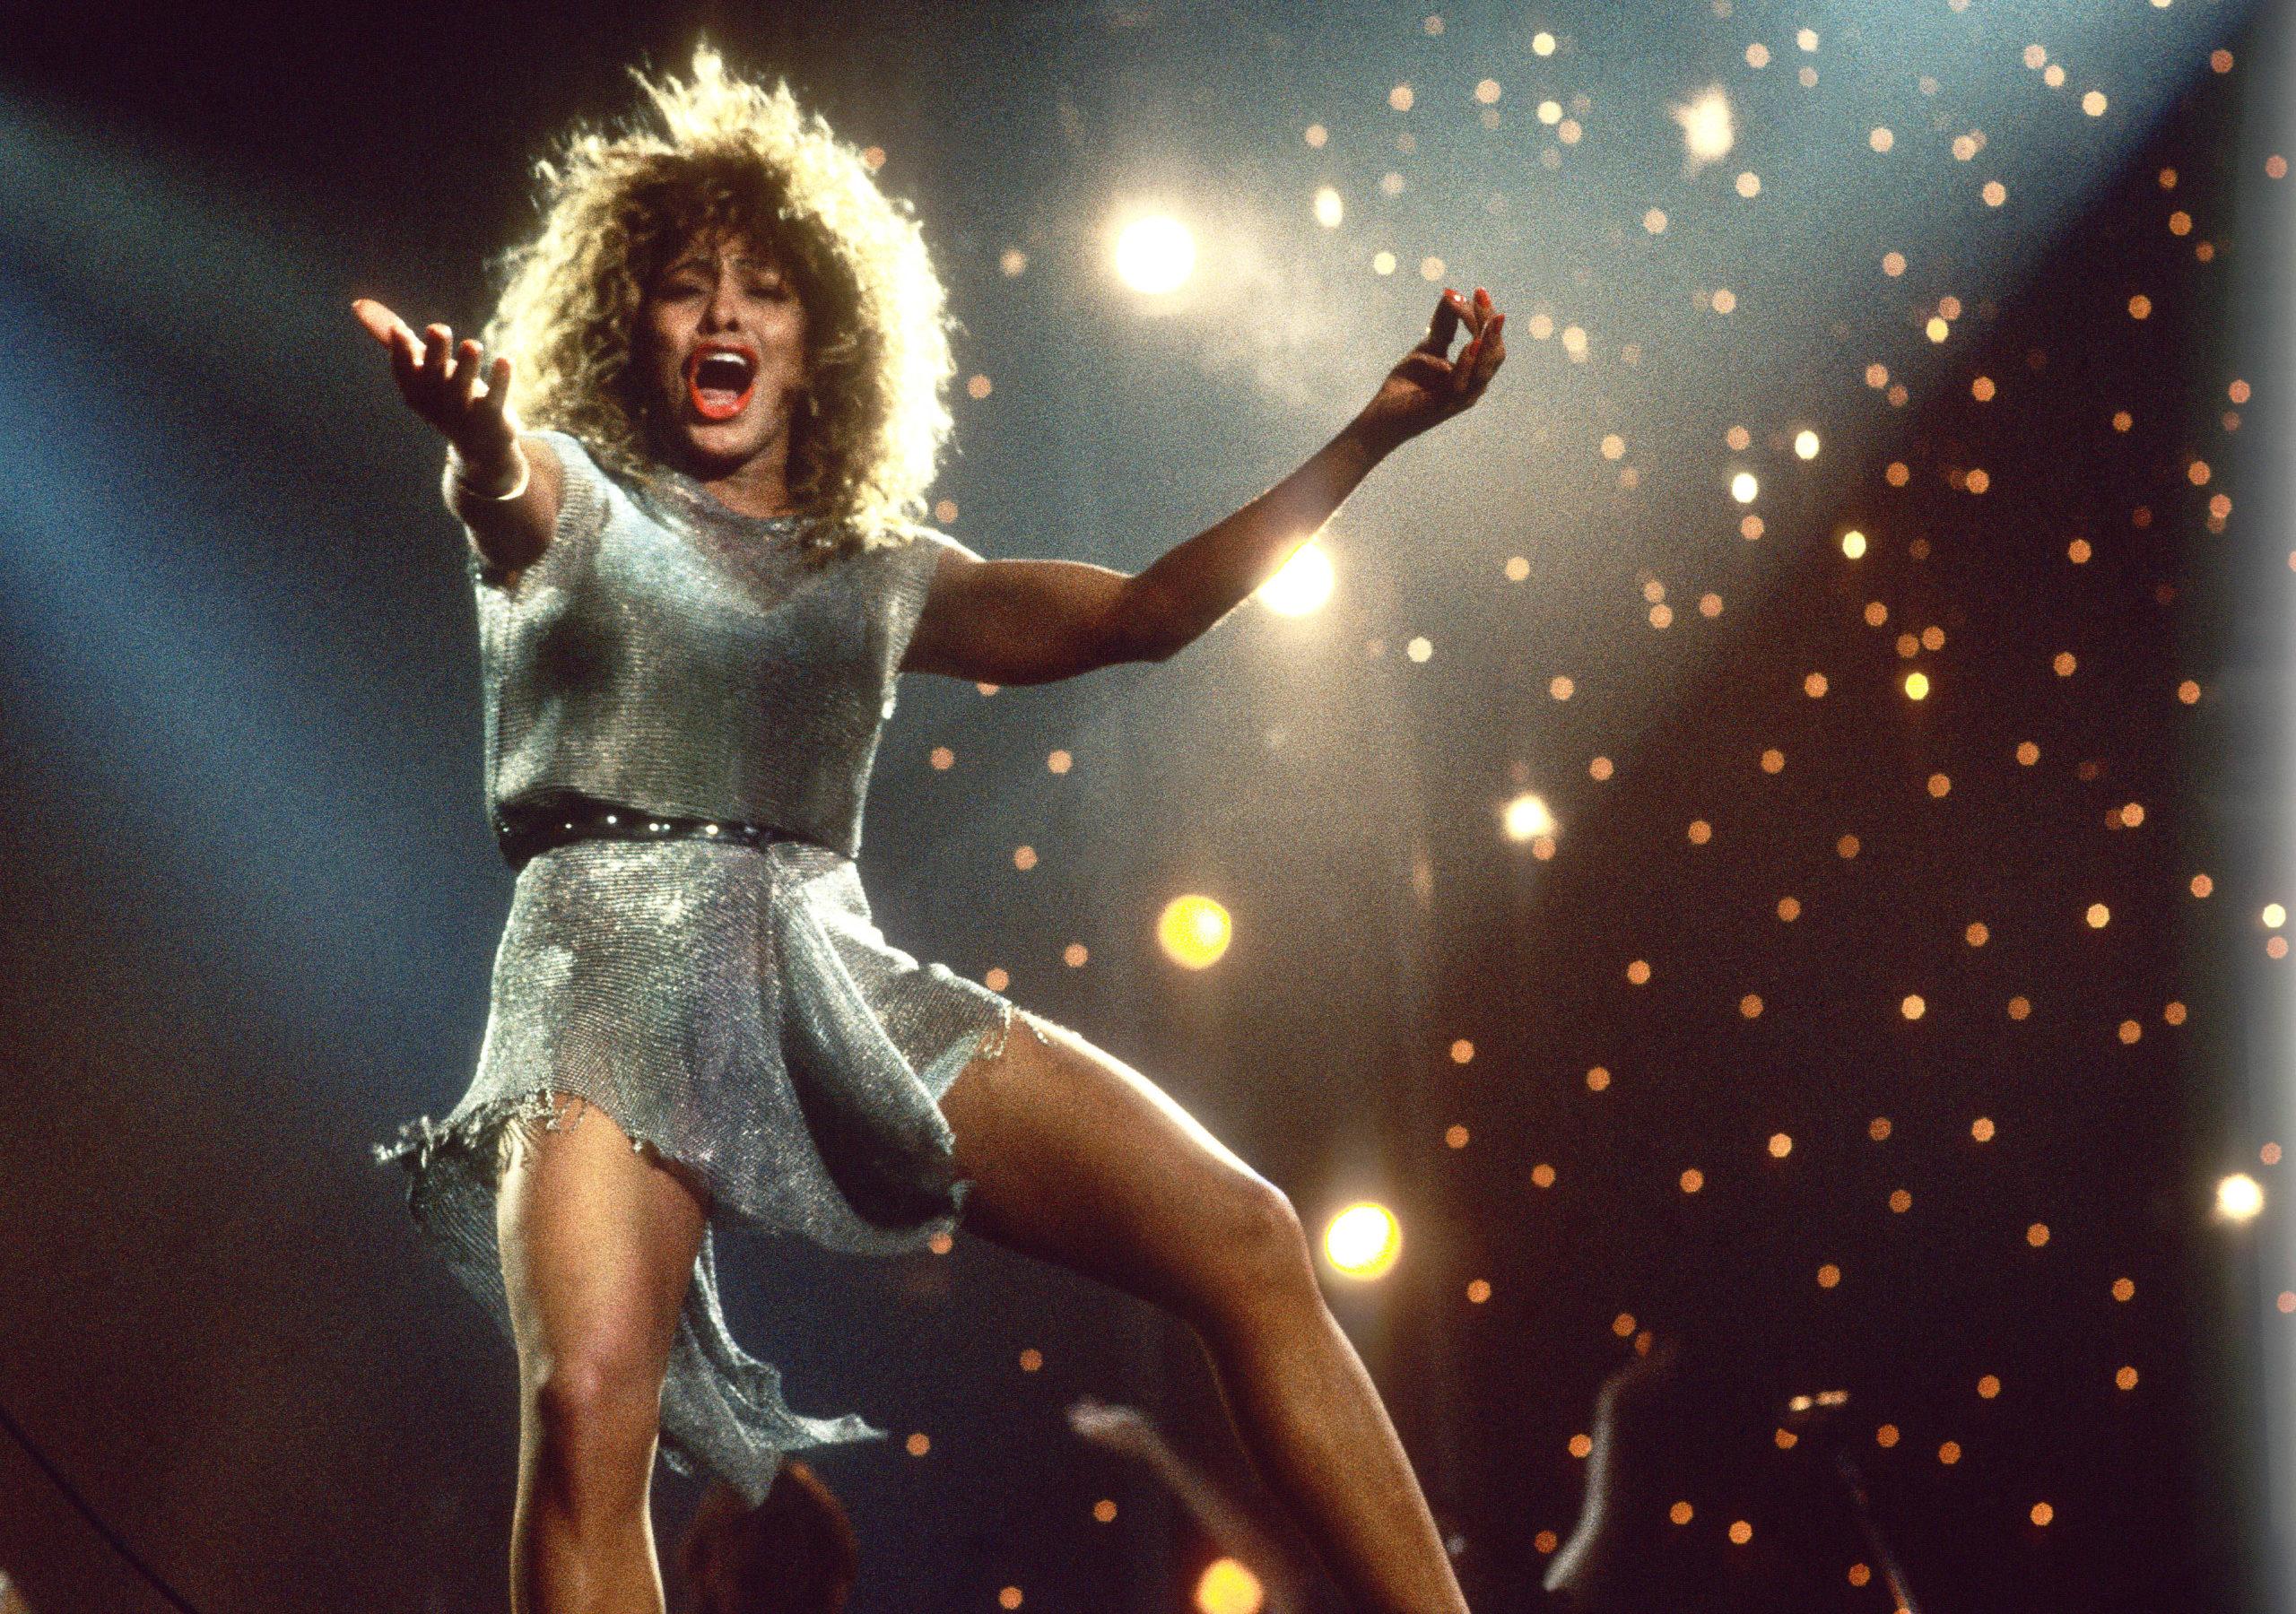 Cena do filme Tina. A imagem mostra Tina Turner no palco, fotografada dos joelhos para cima, cantando, com os braços estendidos, na frente de um fundo de luzes redondas amarelas. Tina é uma mulher negra, de cabelos cacheados volumosos loiros, e usa um vestido curto prateado com um cinto de spikes preto na cintura. Ela também usa batom vermelho.